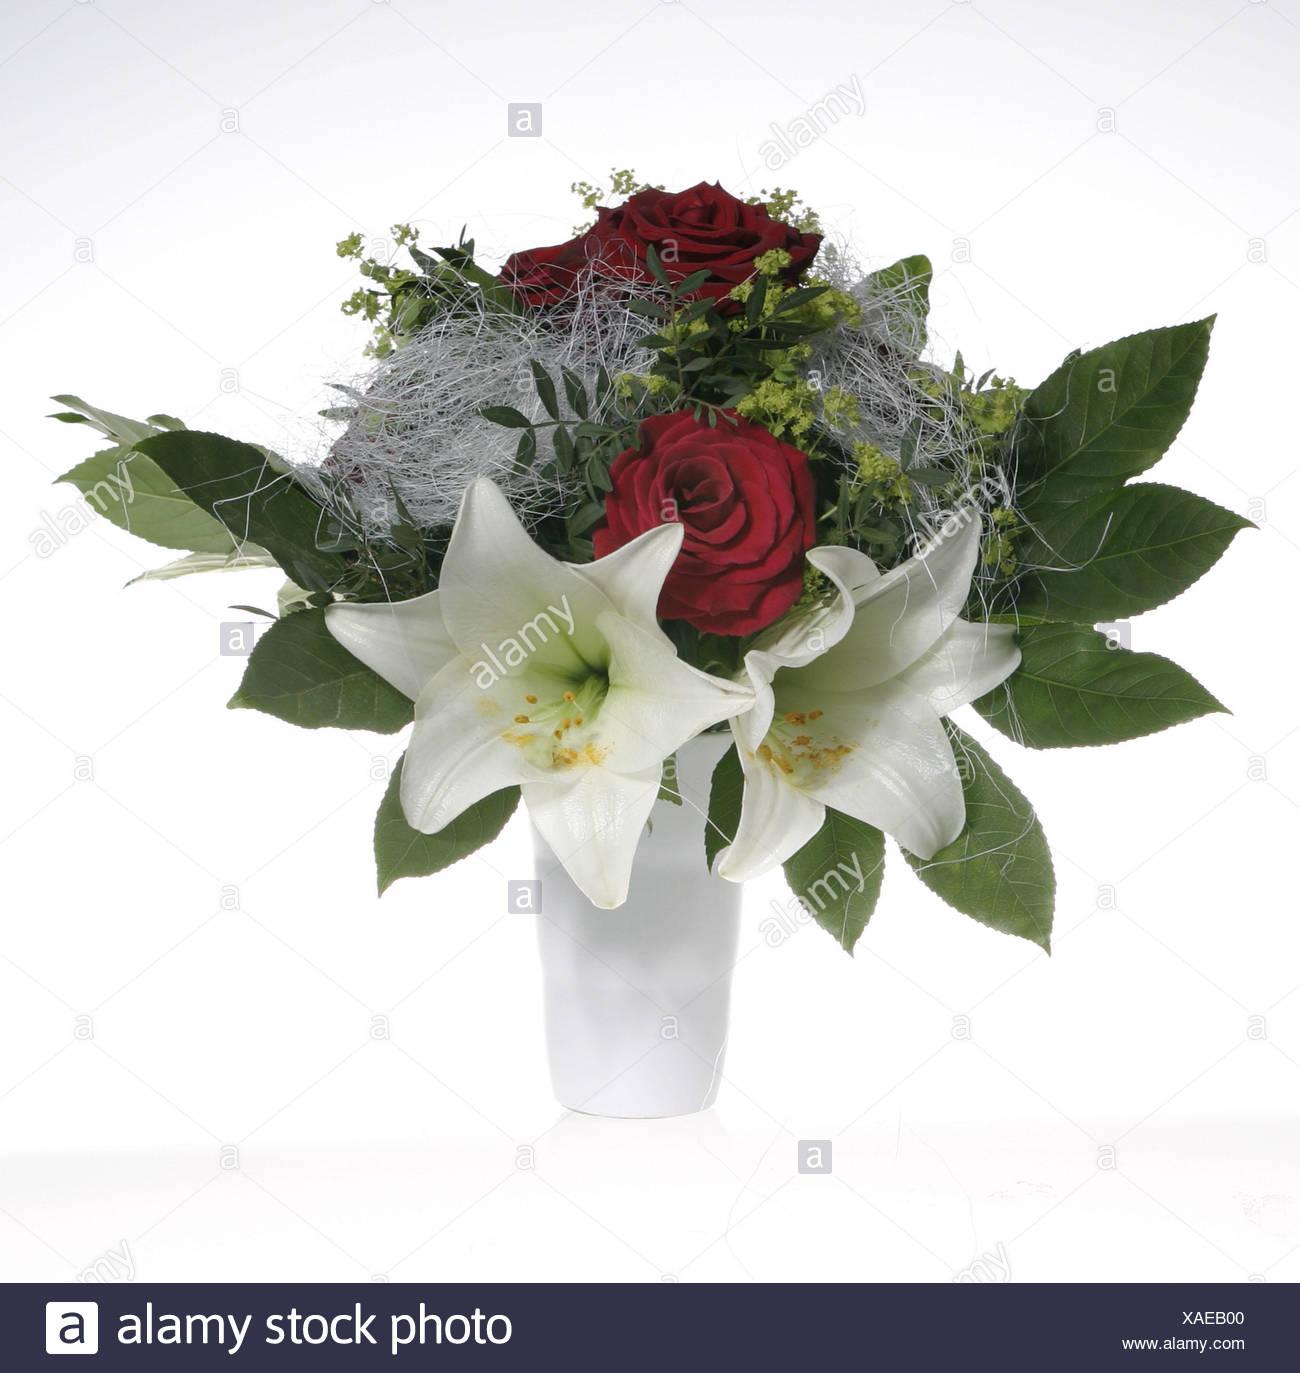 Mazzo Di Fiori Legato.Vaso Bouquet Vaso Di Fiori Mazzo Fiori Rose Gigli Blossom